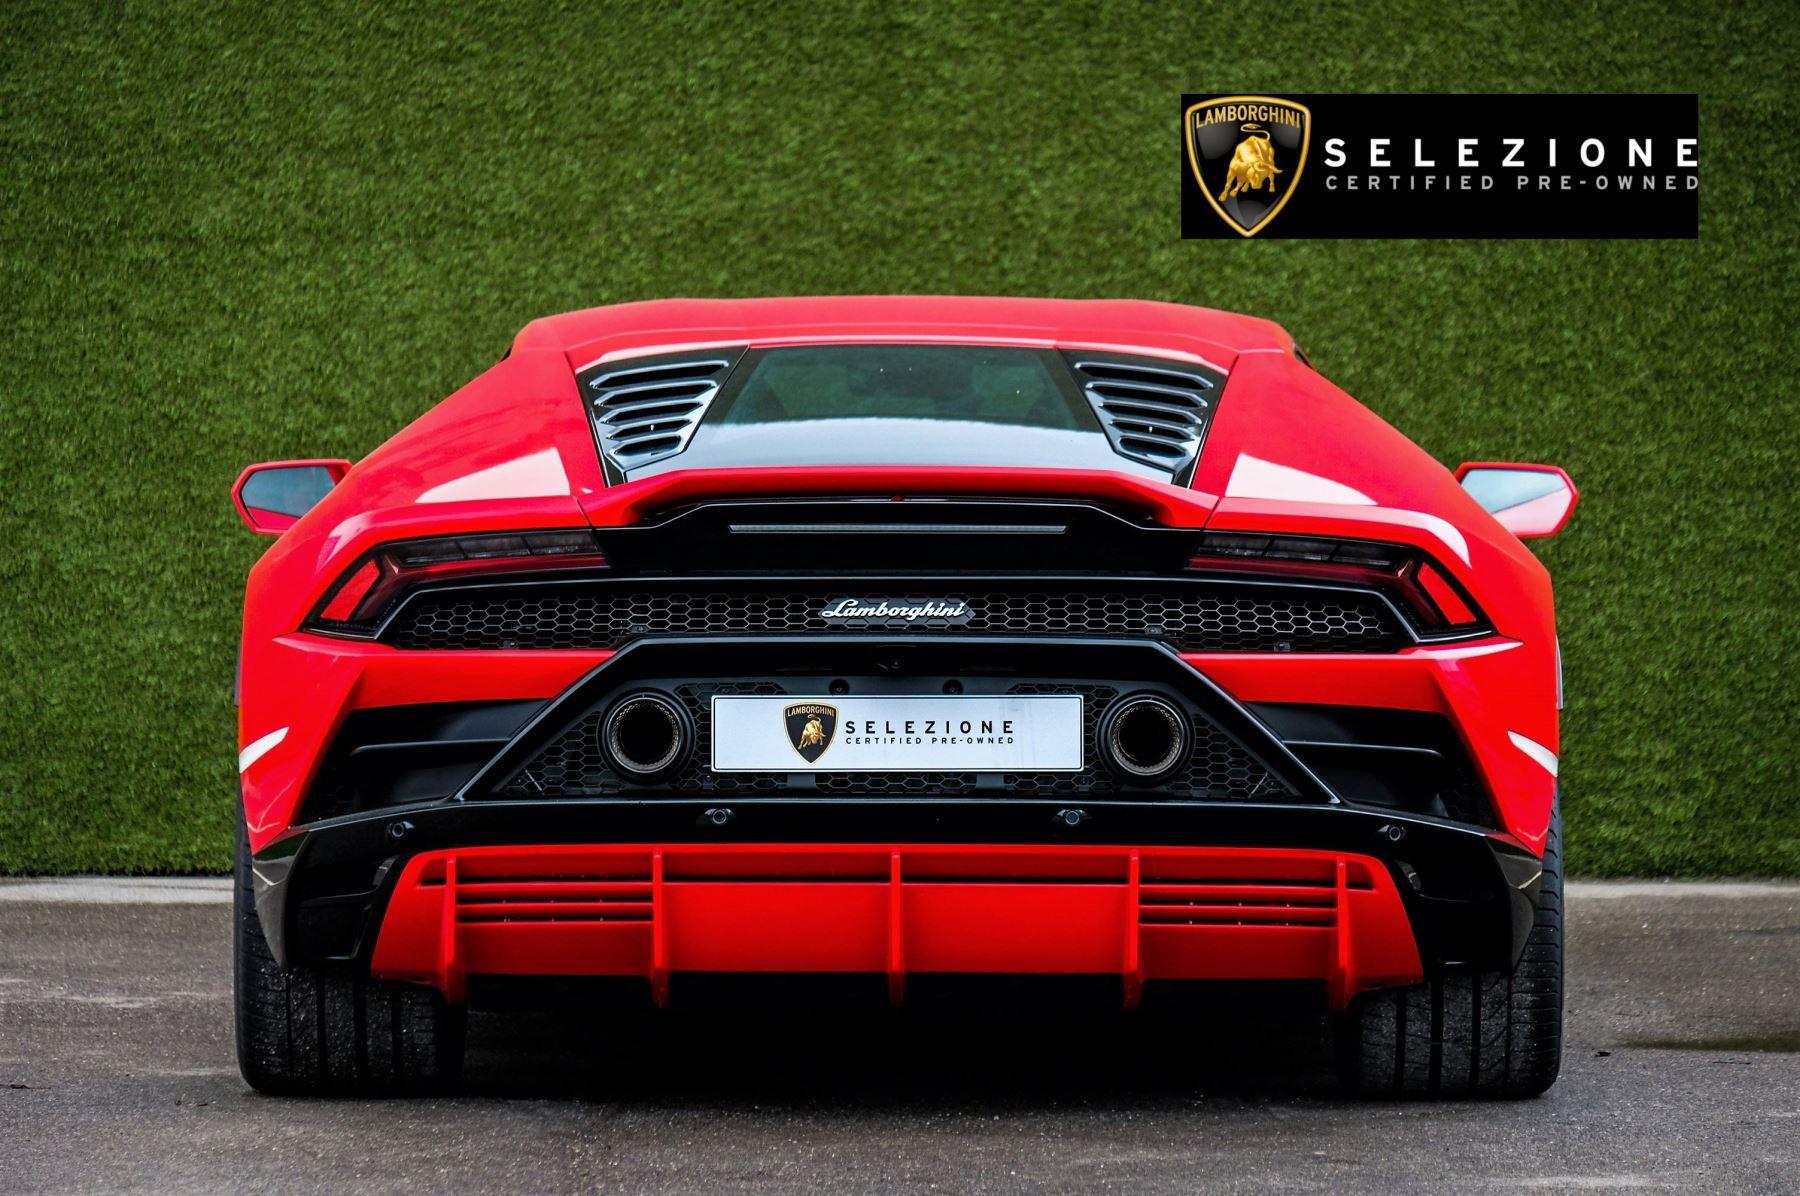 Lamborghini Huracan 5.2 V10 640 2dr Auto AWD image 4